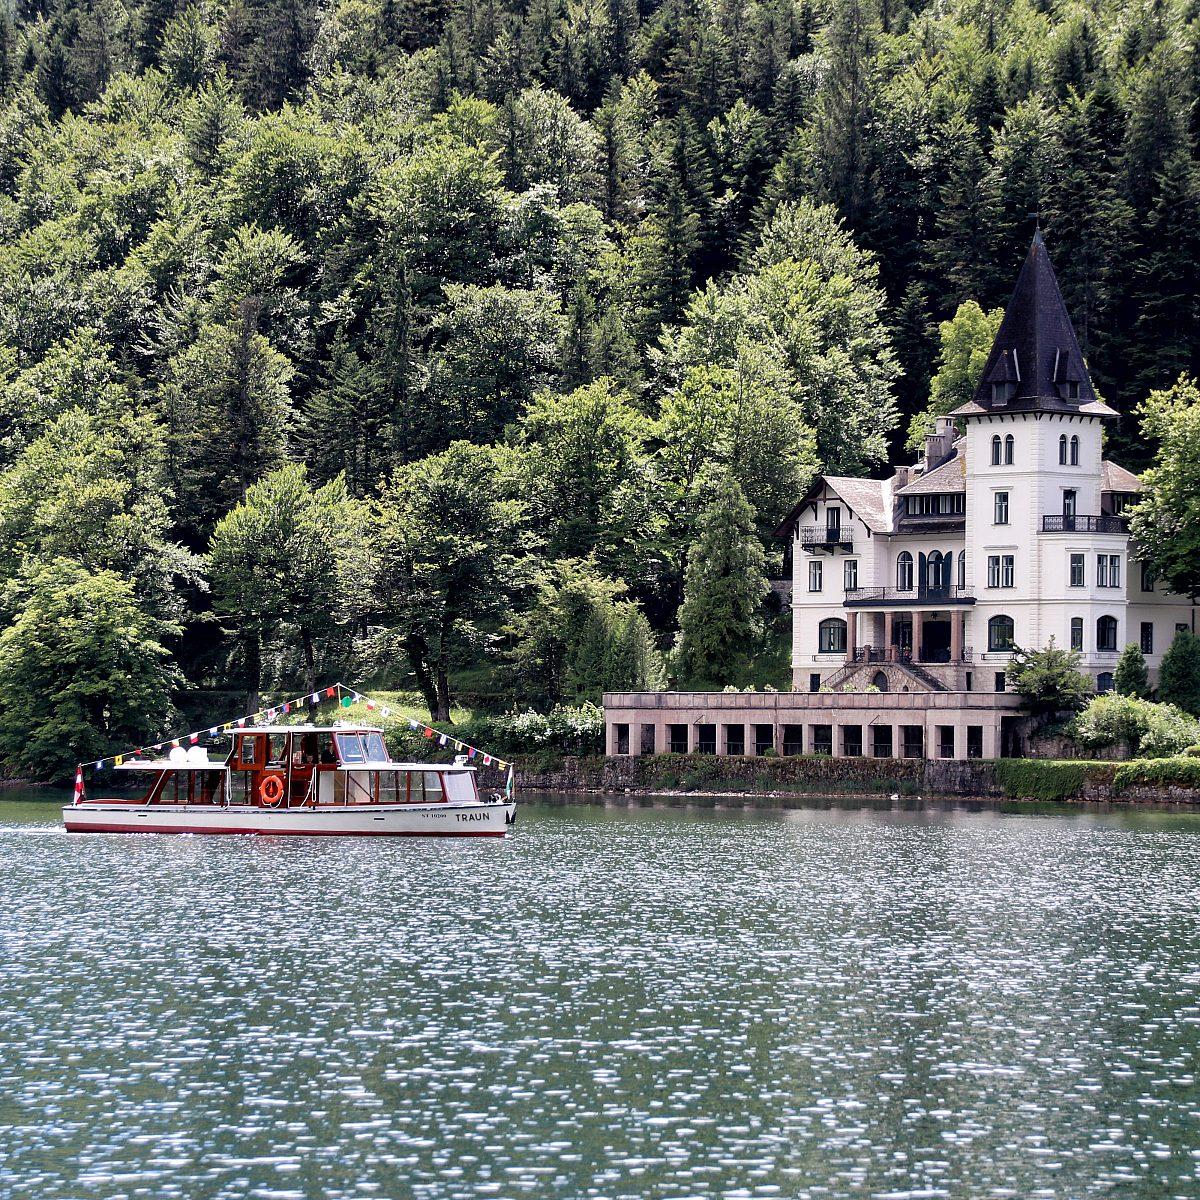 MS Traun - Villa Castiglioni